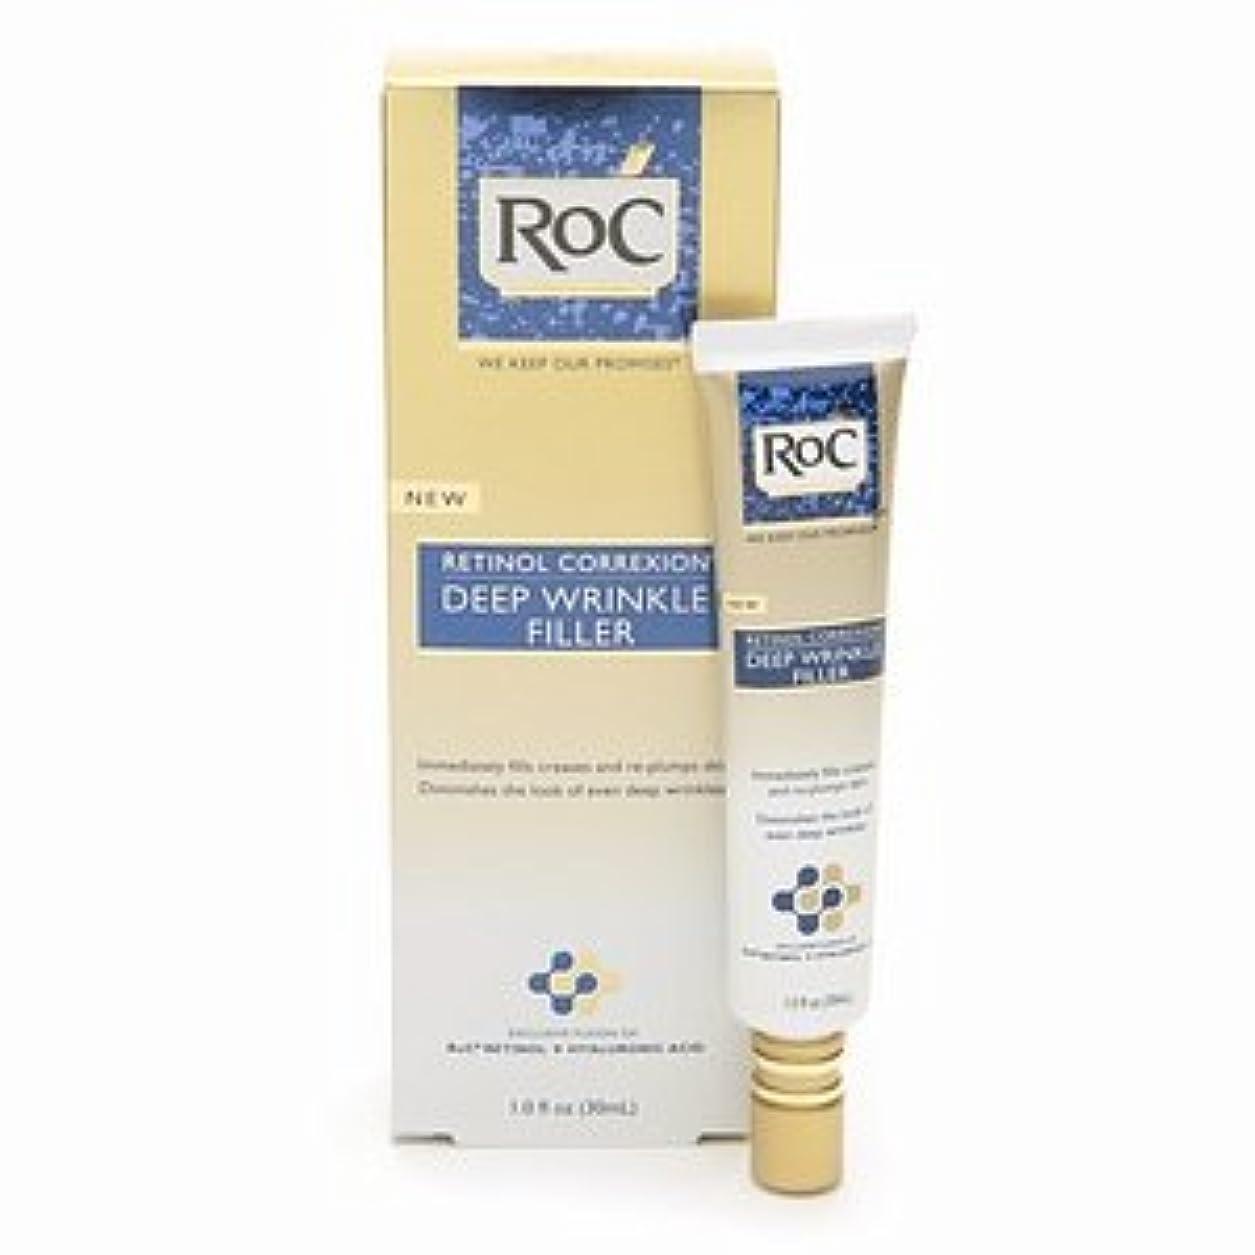 気づく鹿かどうかRoC レチノール コレクション ディープリンクル フィラー RoC Retinol Correxion Deep Wrinkle Filler